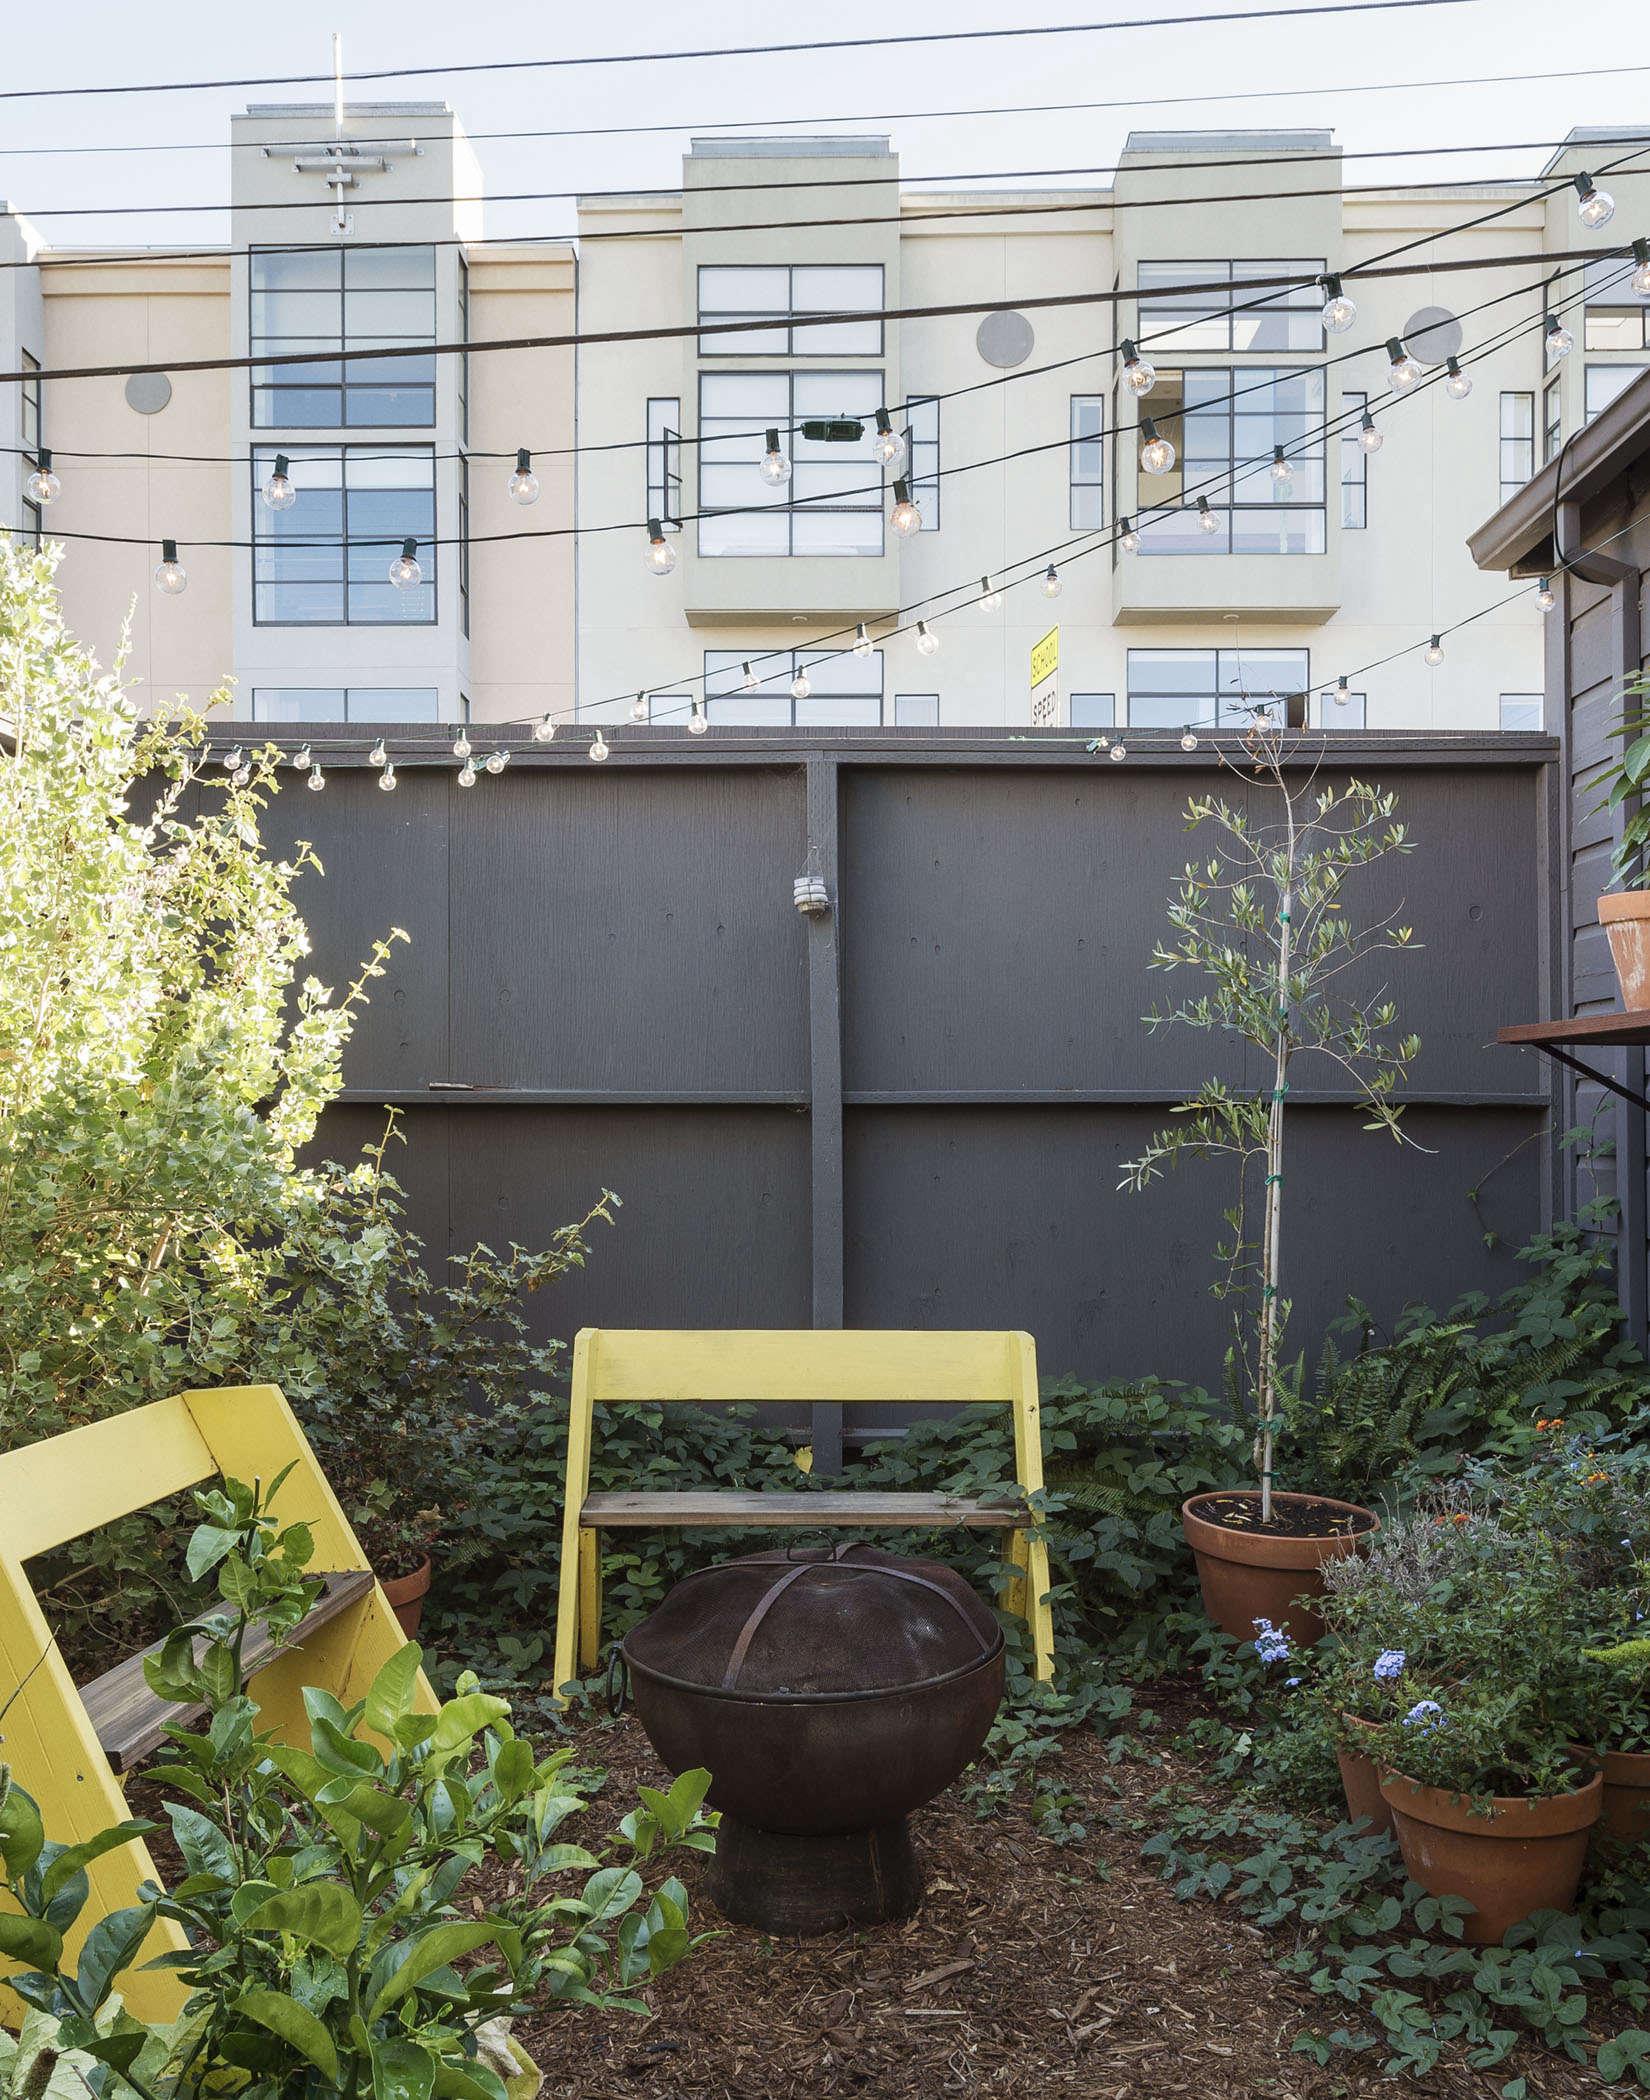 klein-garden-mission-san-francisco-gardenista-fire-pit-lounge-chairs